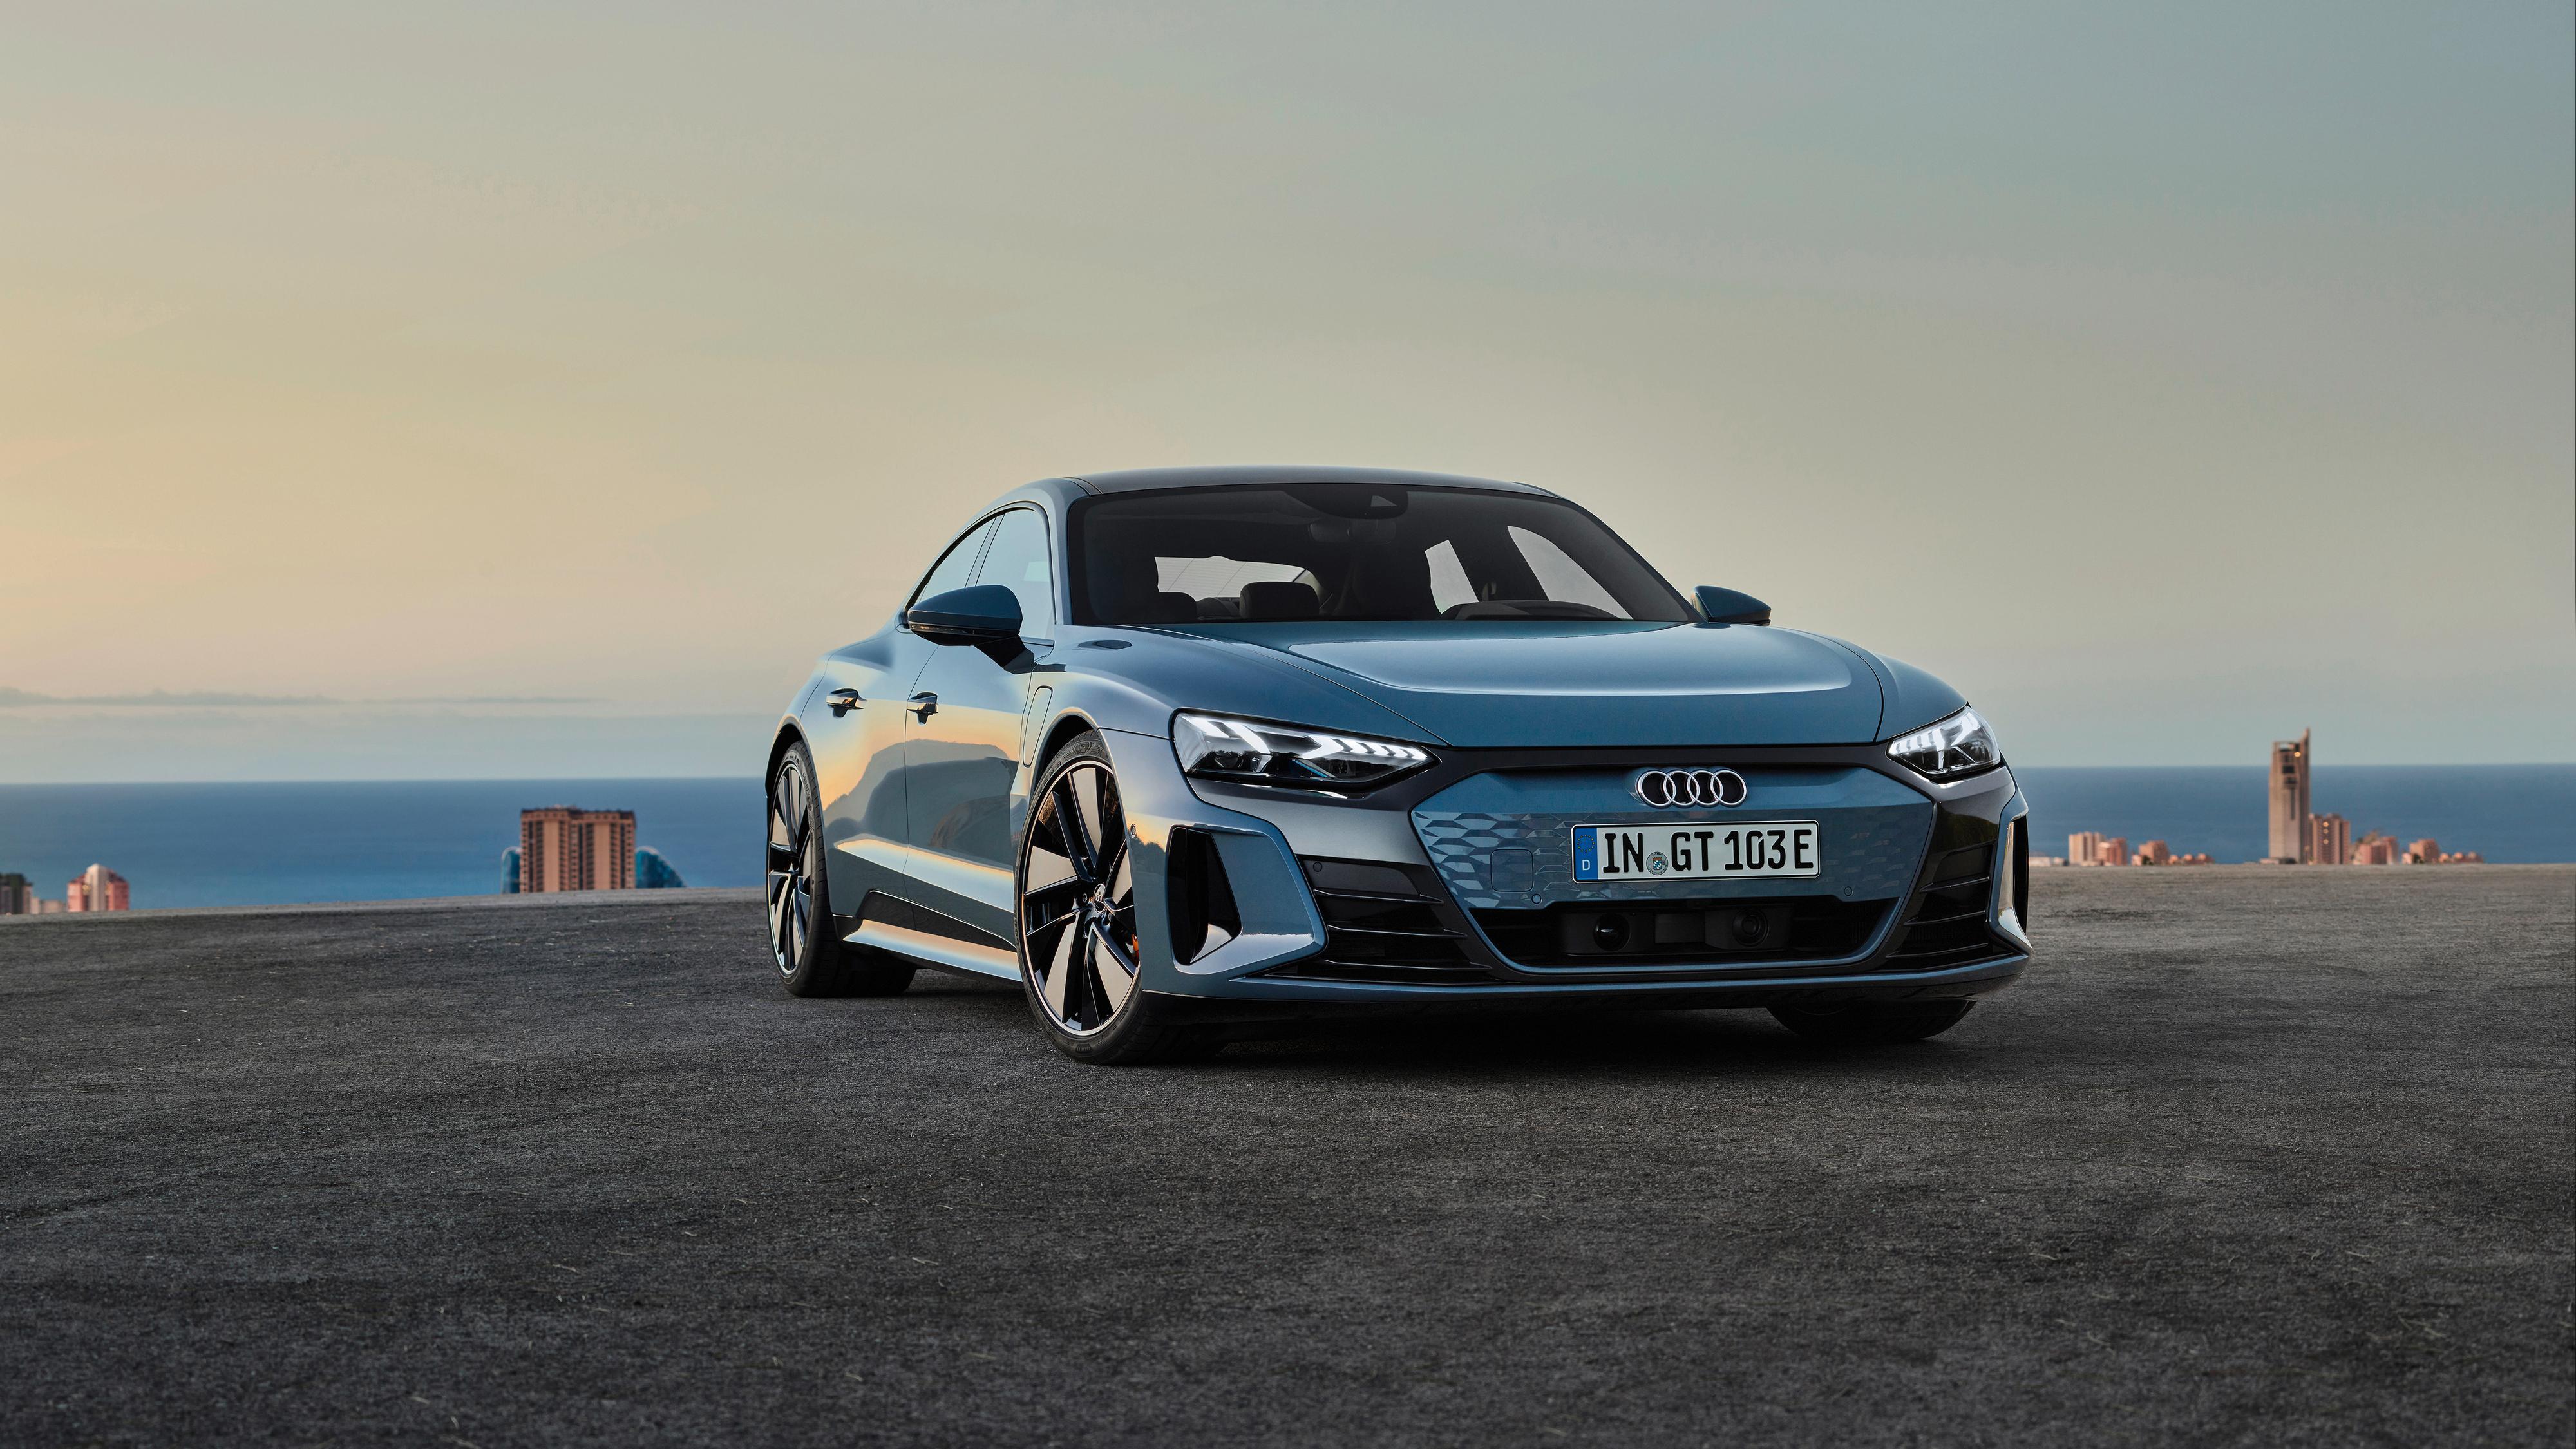 Her er e-tron GT - Audis svar på Porsche Taycan